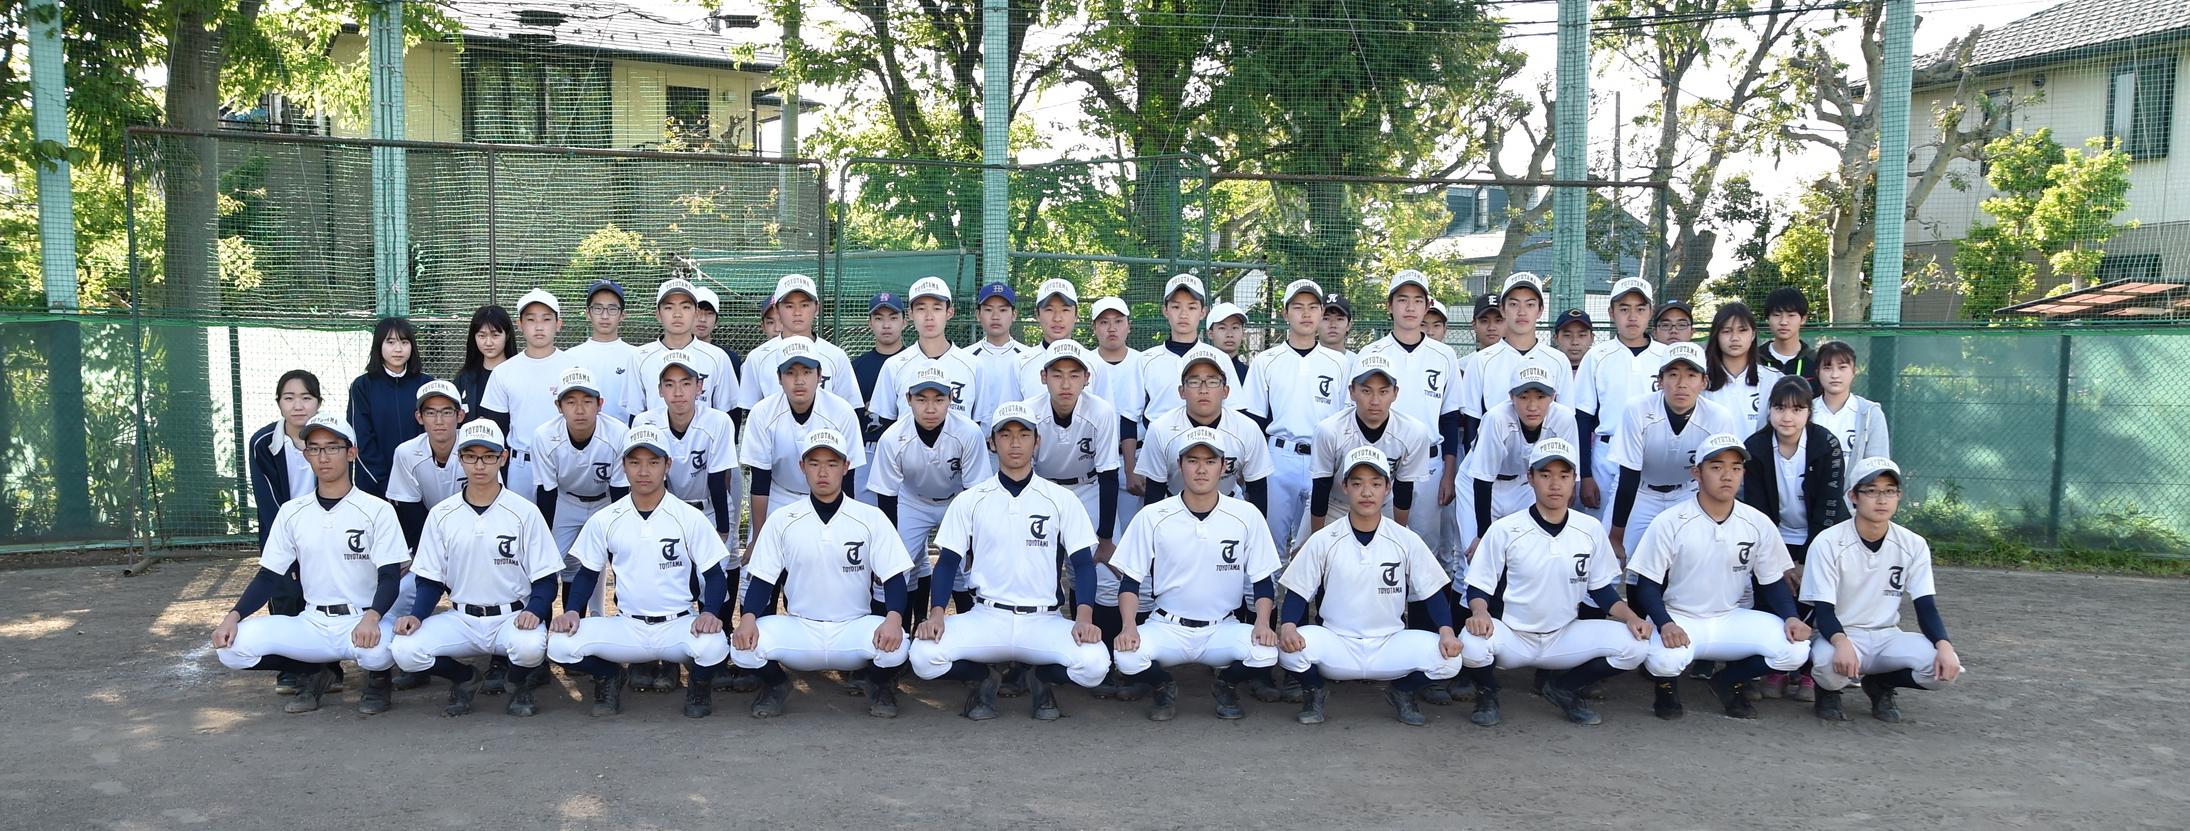 【豊多摩   野球部】「成長」 #豊多摩